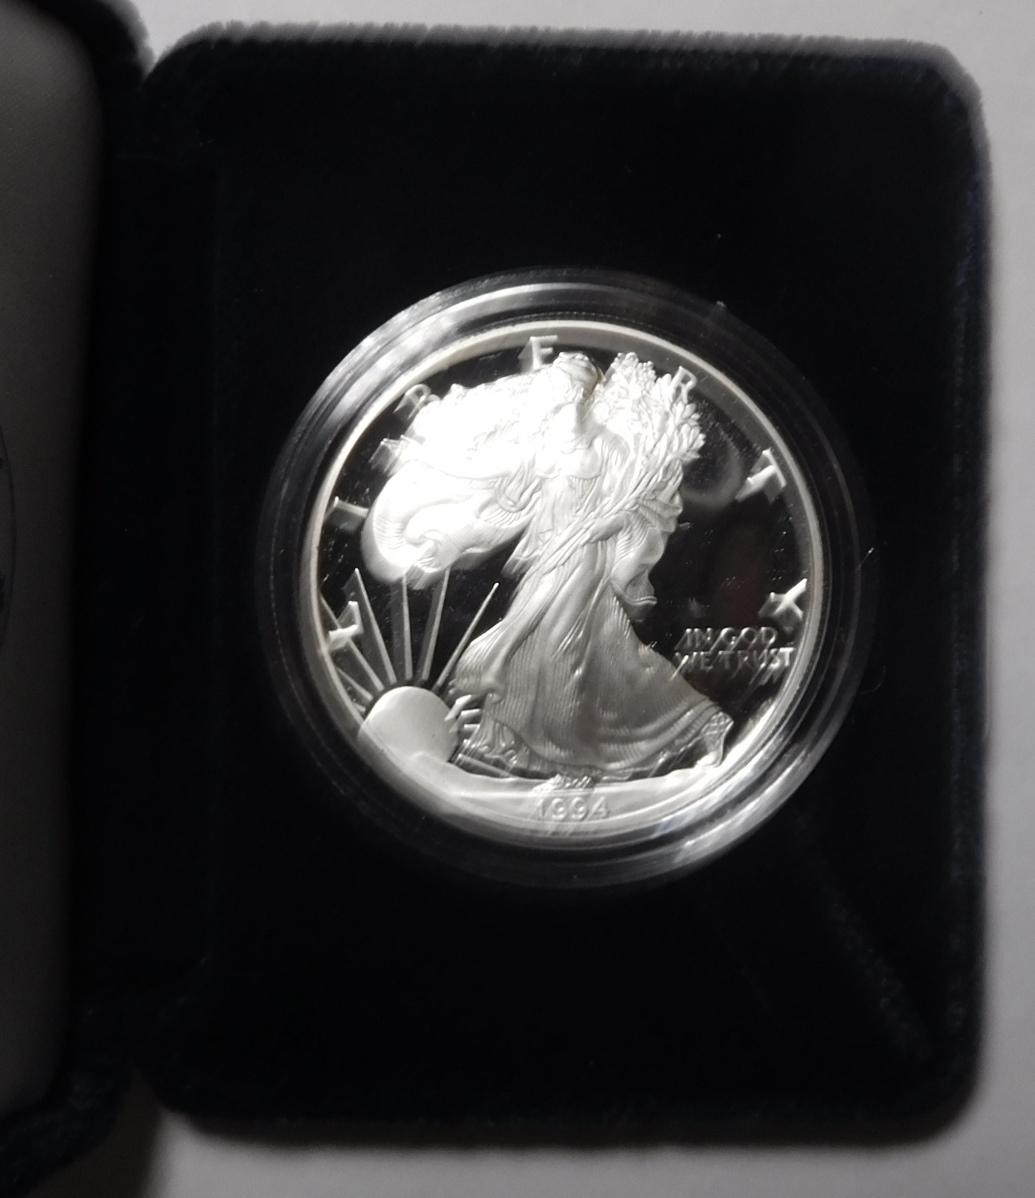 1994 AMERICAN SILVER EAGLE PROOF IN BOX W/COA